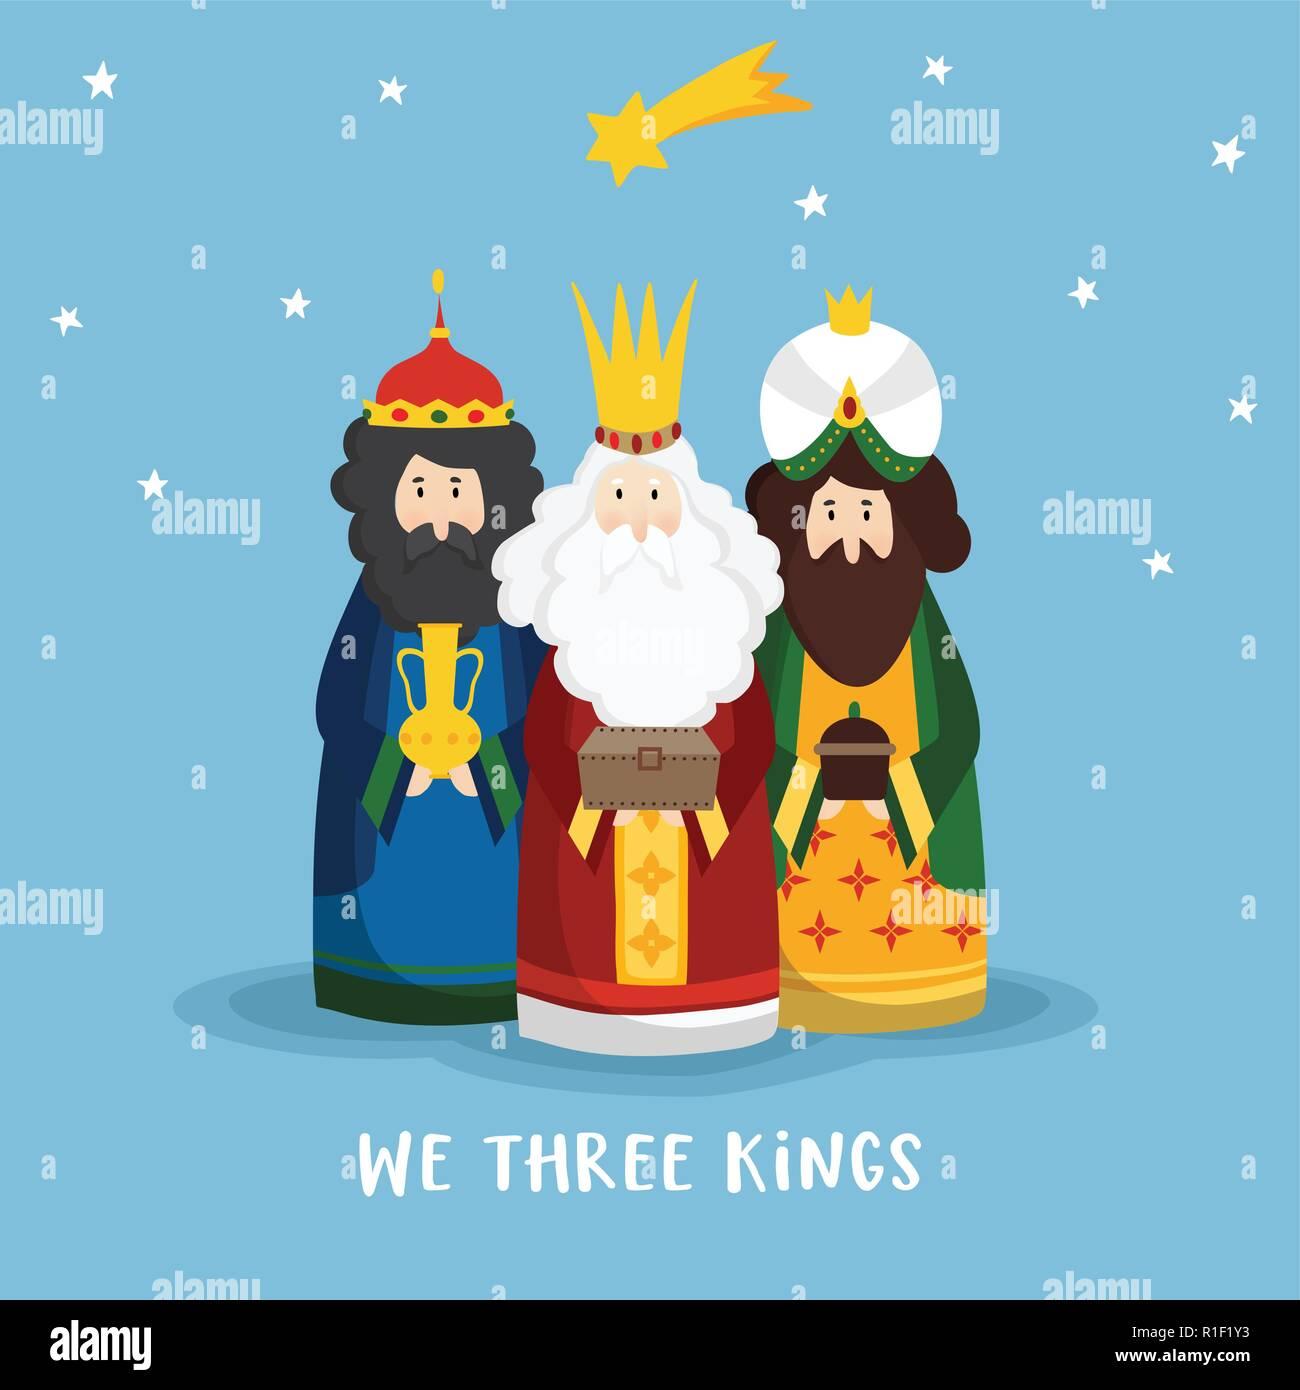 Felicitaciones De Navidad Con Los Reyes Magos.Tarjeta De Felicitacion De Navidad Lindo Invitacion Con